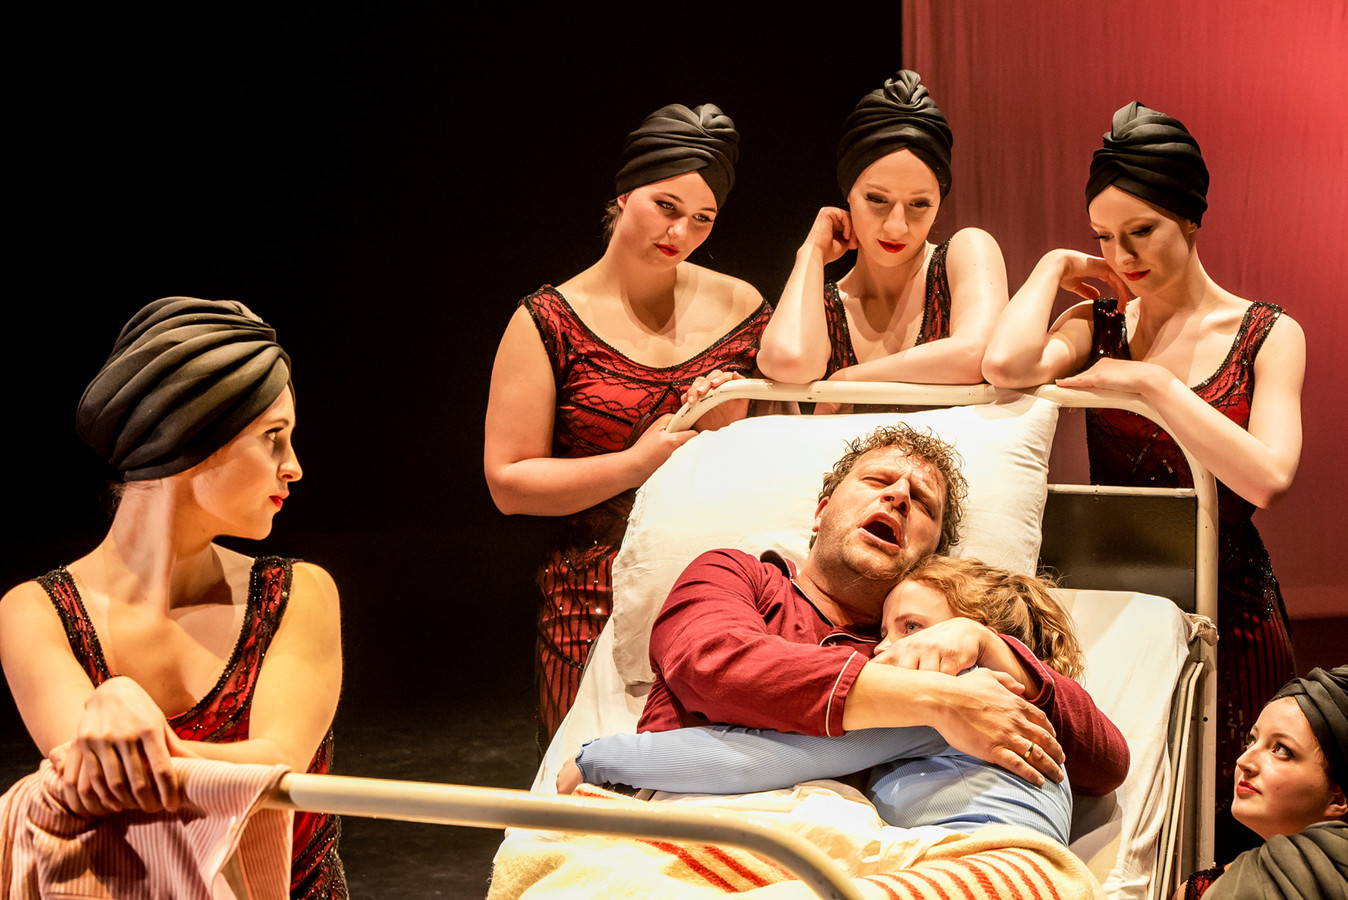 Het theaterstuk over het Apeldoornsche Bosch gaat op 10 juli alsnog in première. Regisseur Jori Hermsen heeft het jaar uitstel benut door het verhaal 'toegankelijker te maken voor jongeren'.